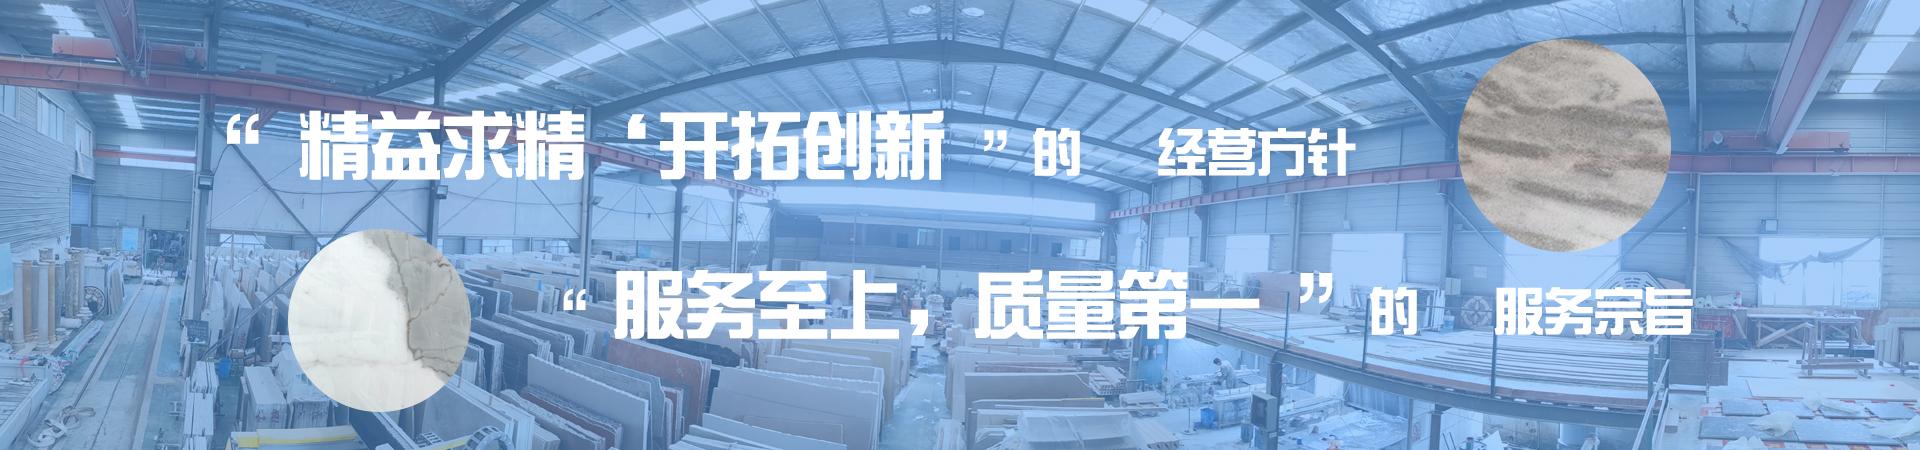 http://www.hzhysc.cn/data/upload/202007/20200714155000_192.jpg